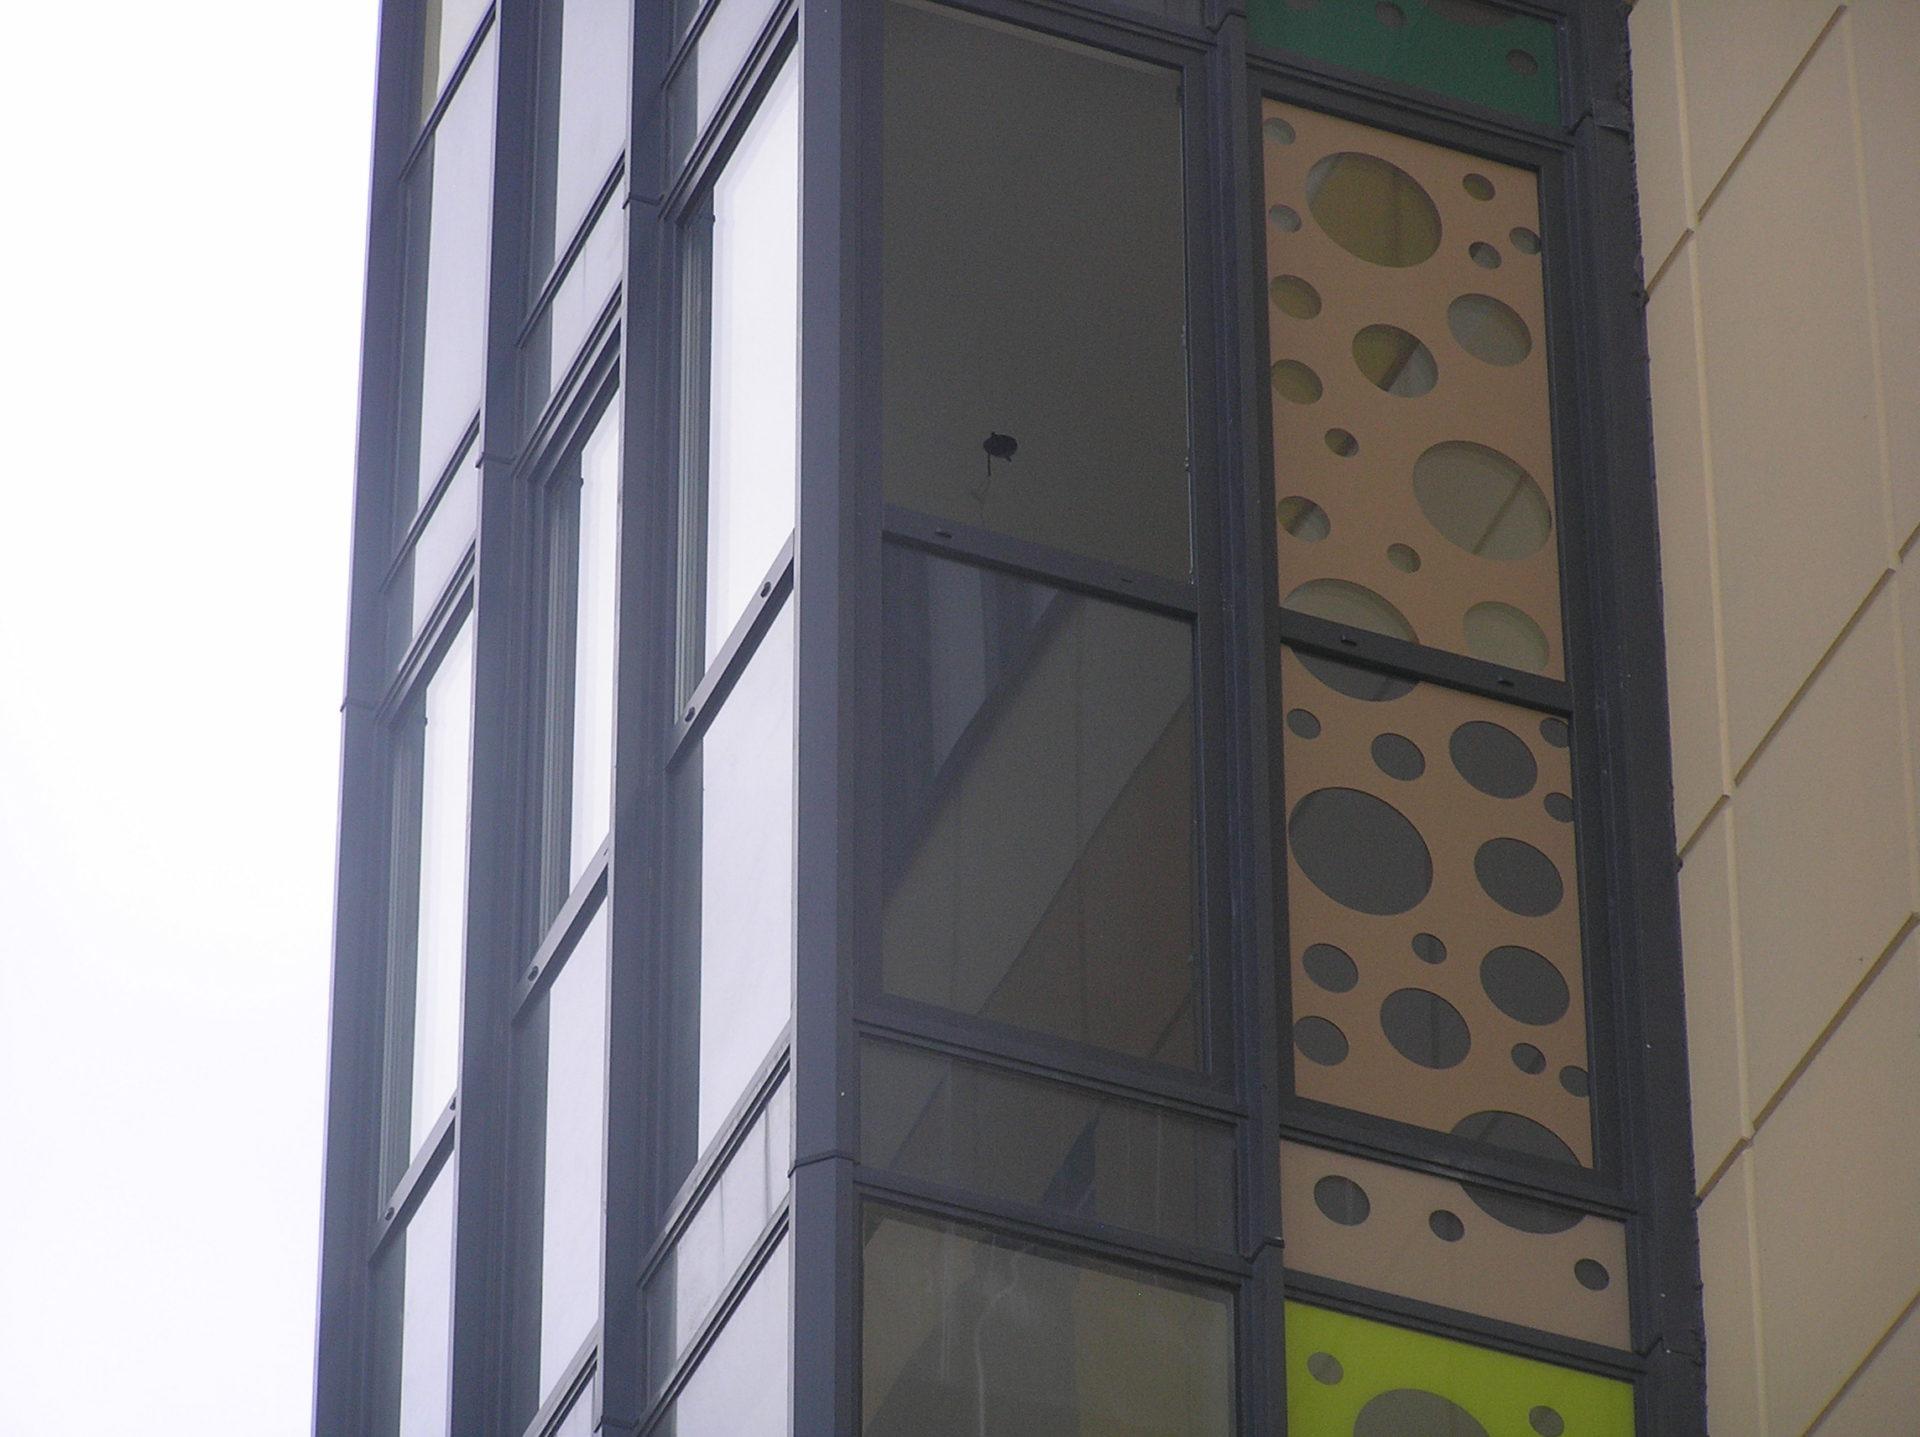 Перенесен рисунок с фасада на стеклопакет.